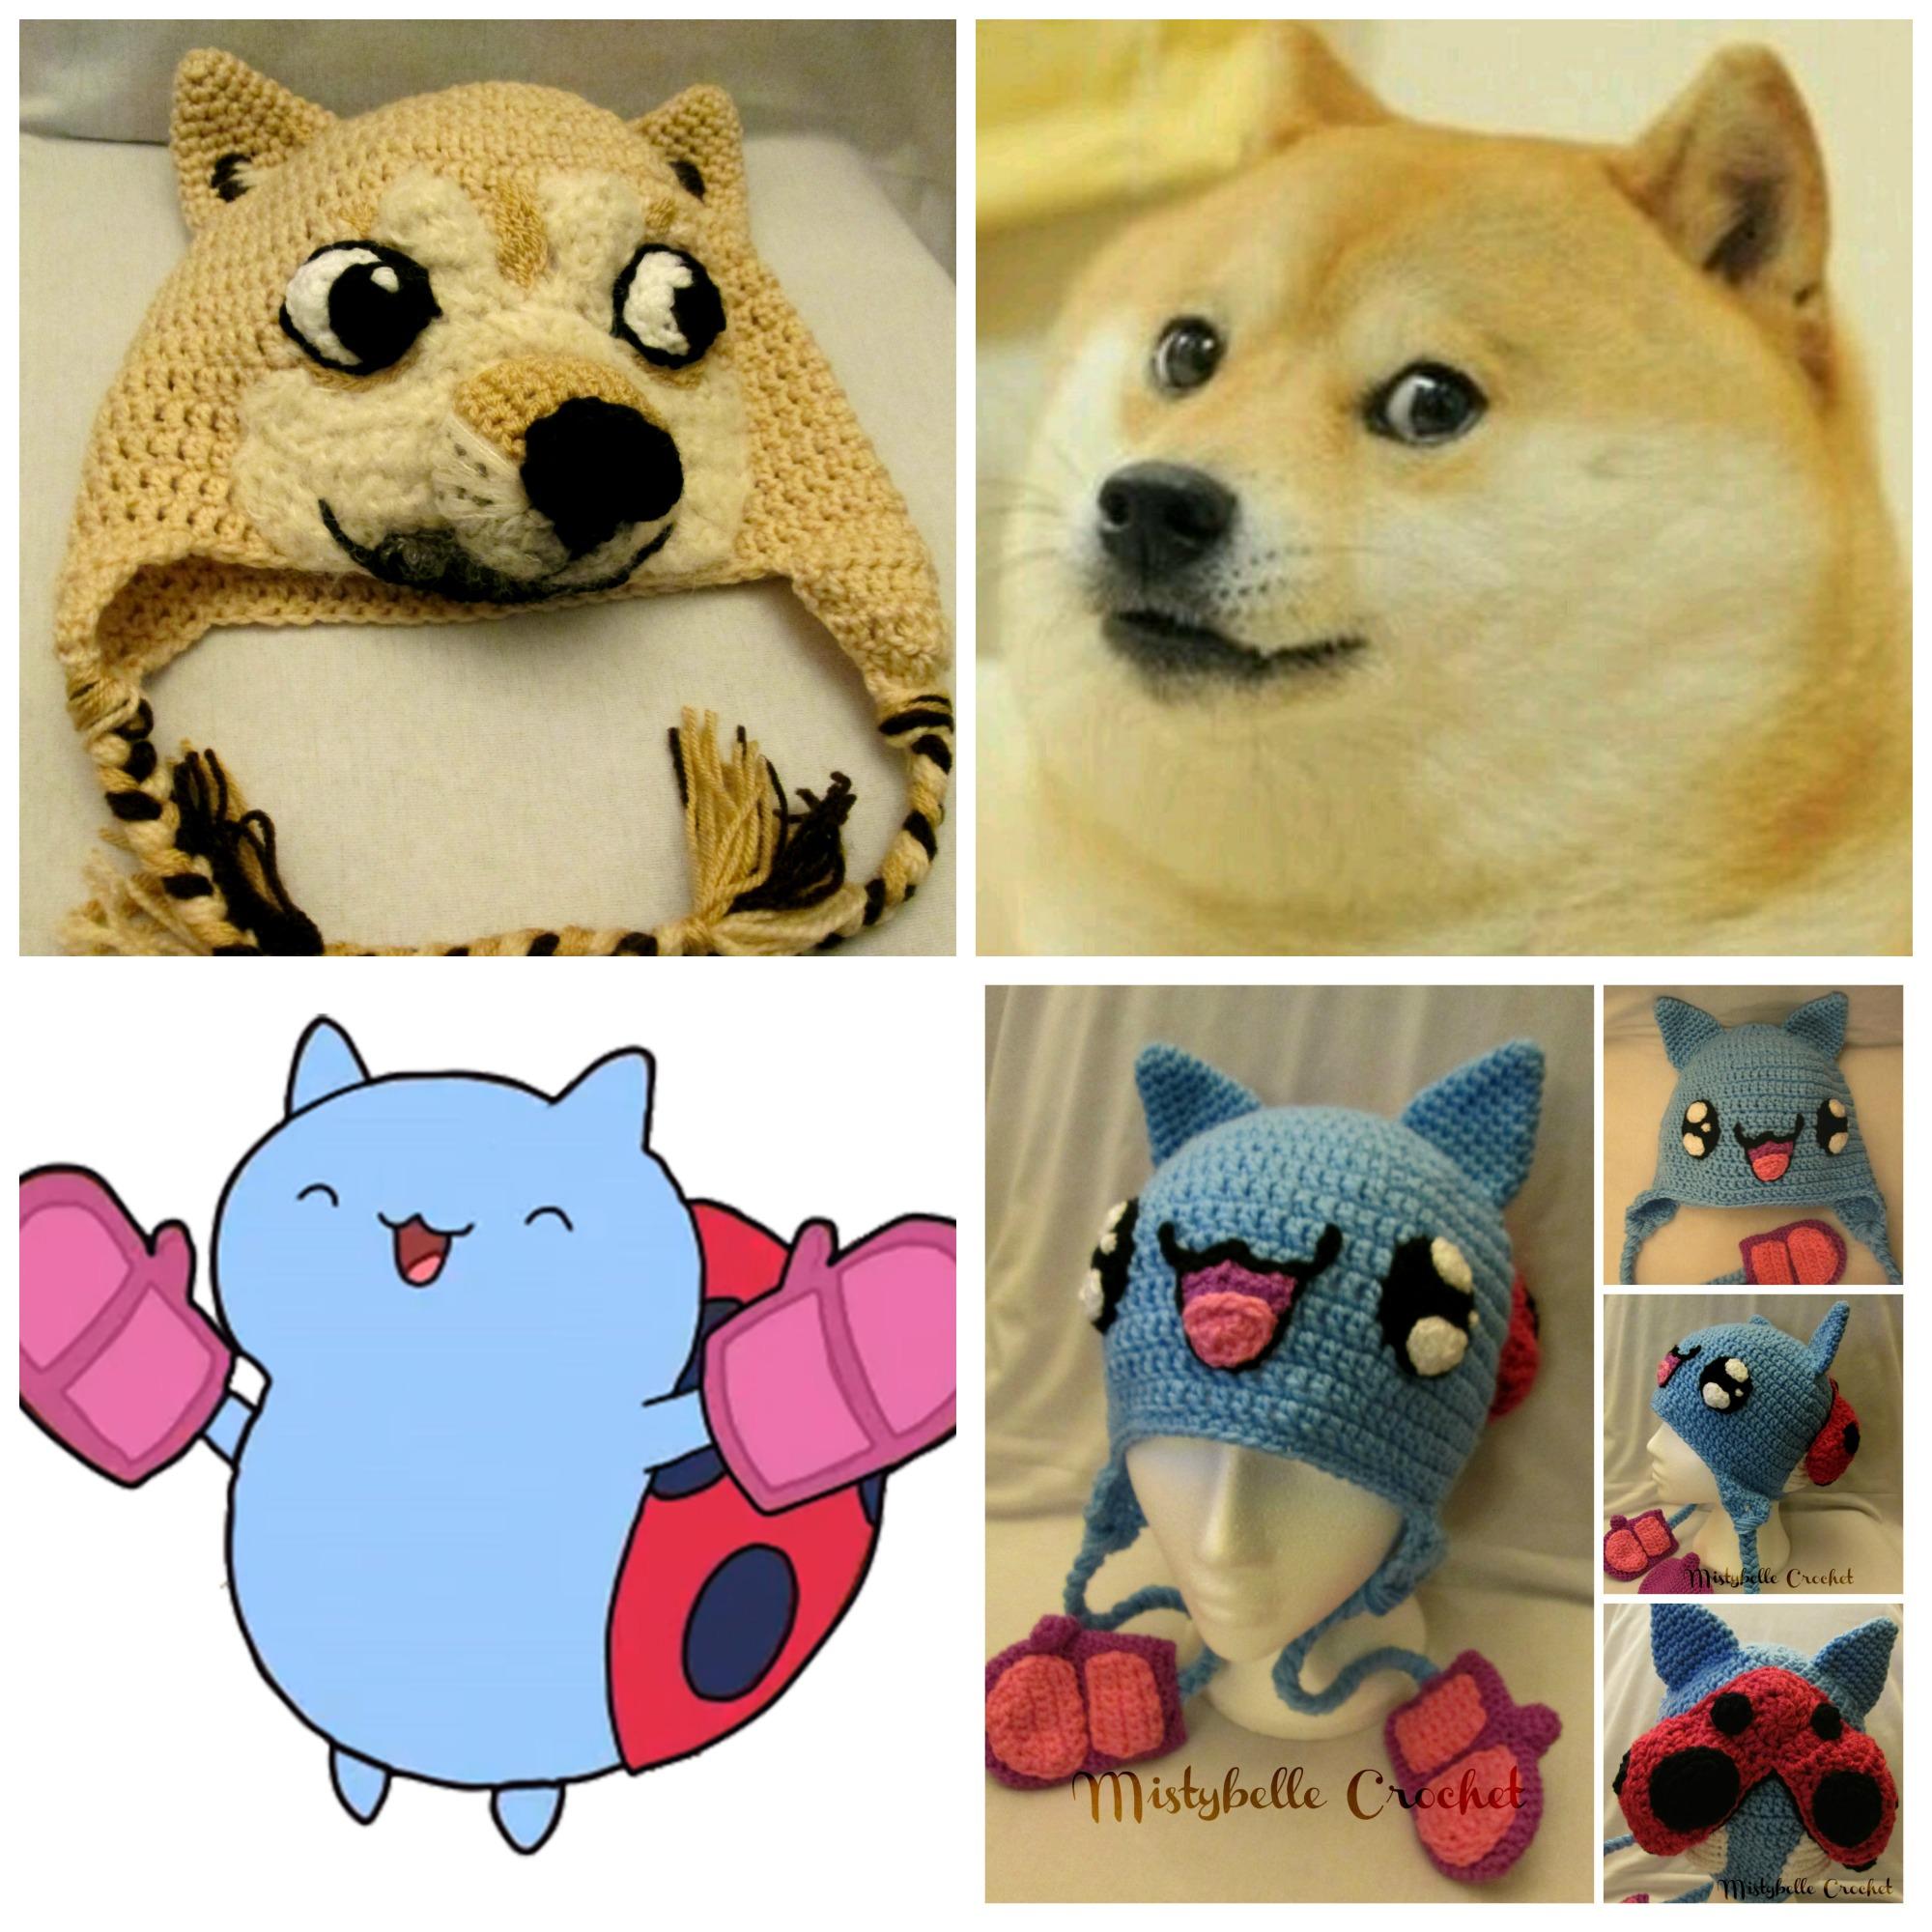 Catbug Mistybelle Crochet